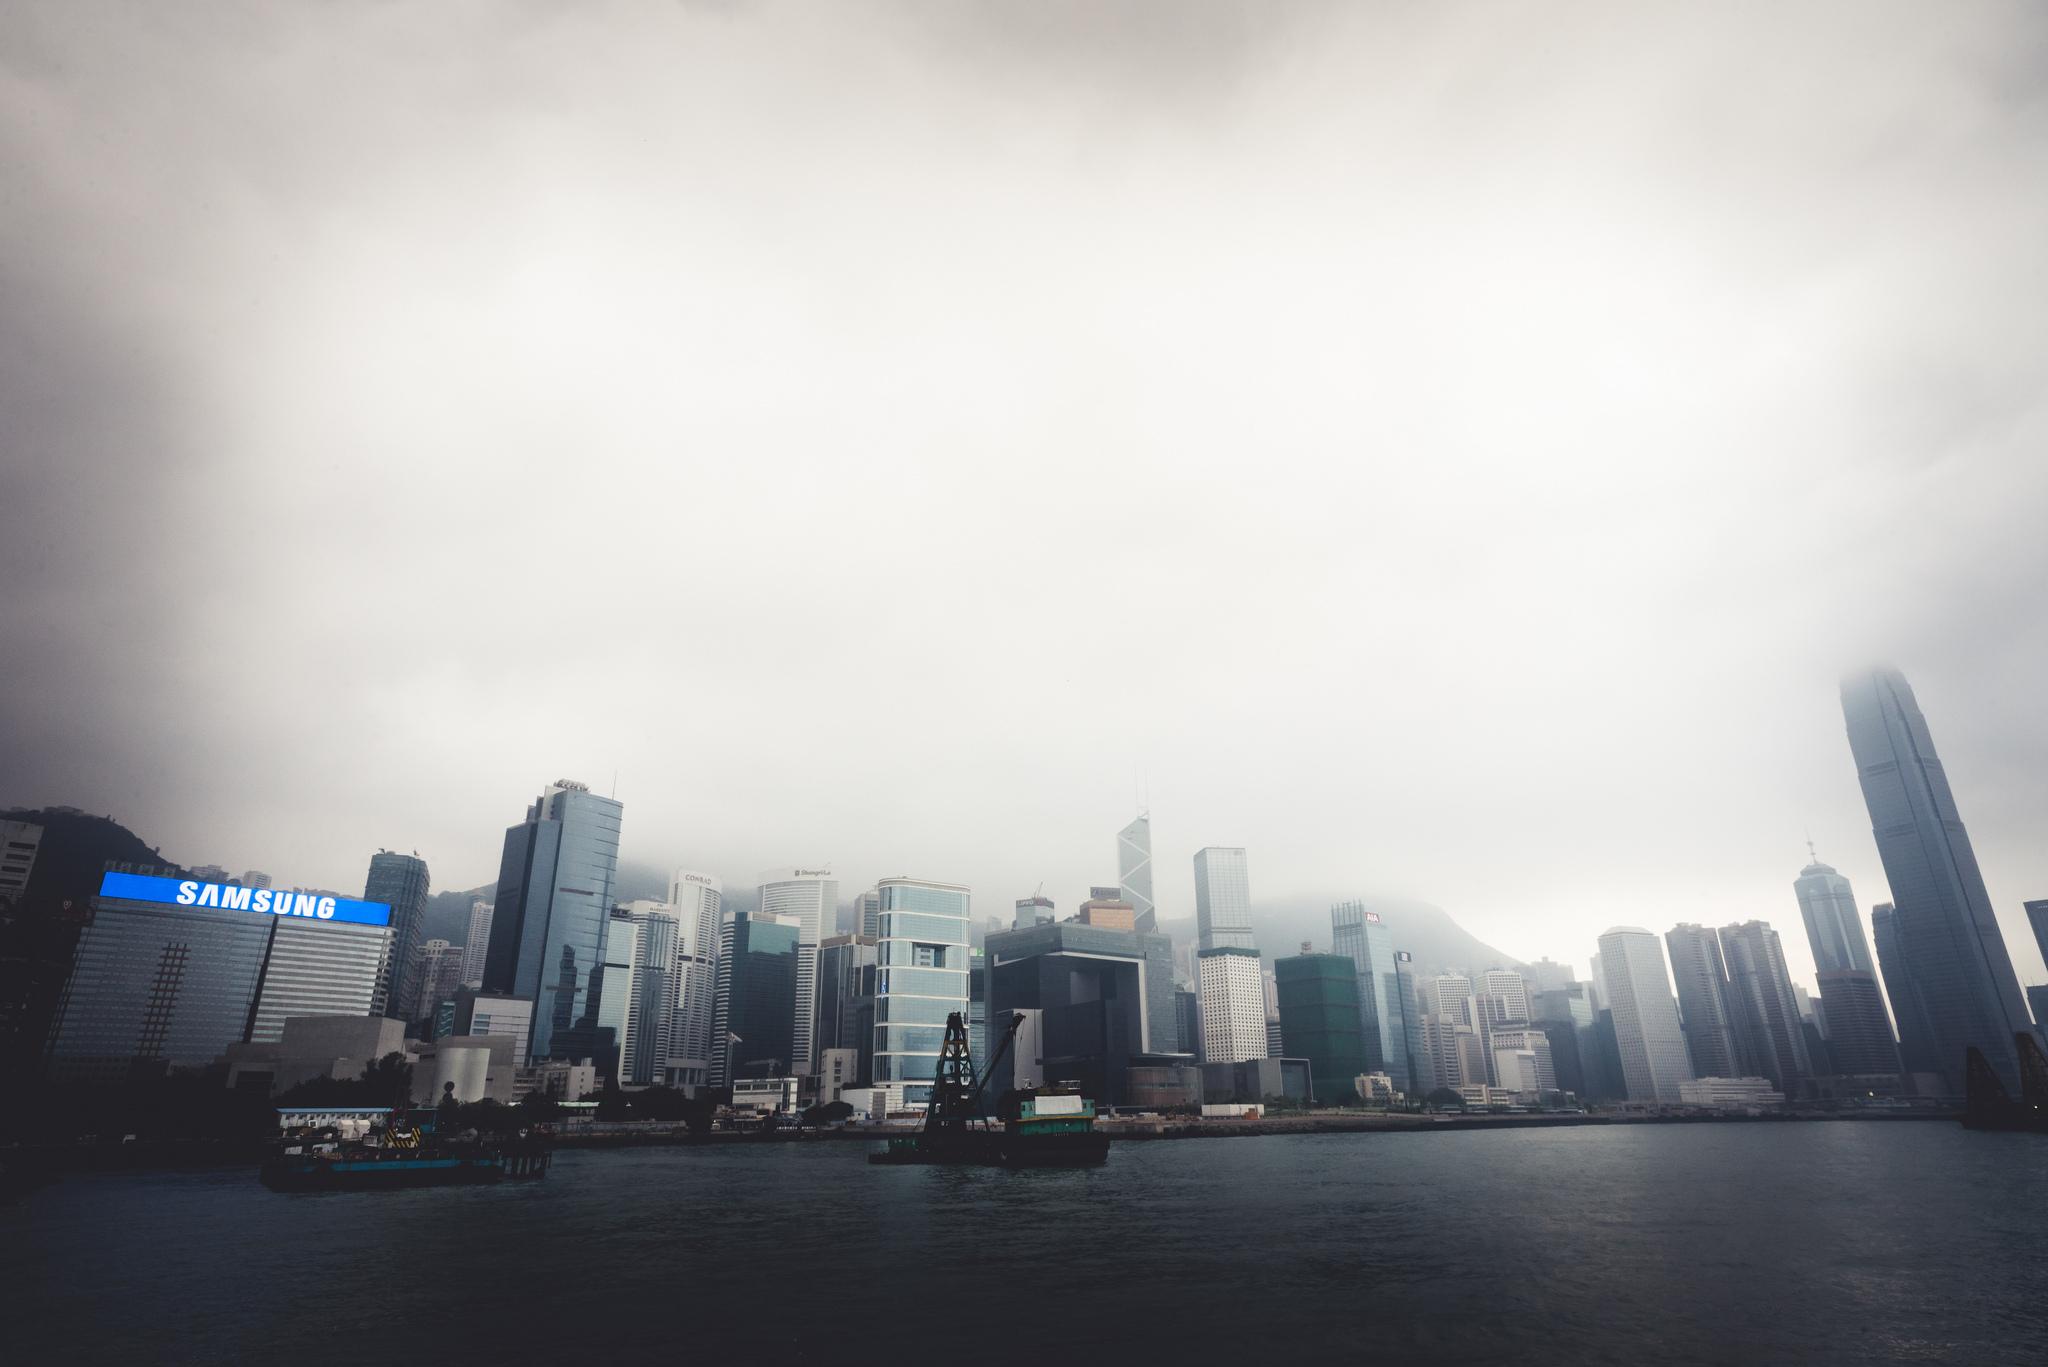 Gloomy skies over Hong Kong's harbor